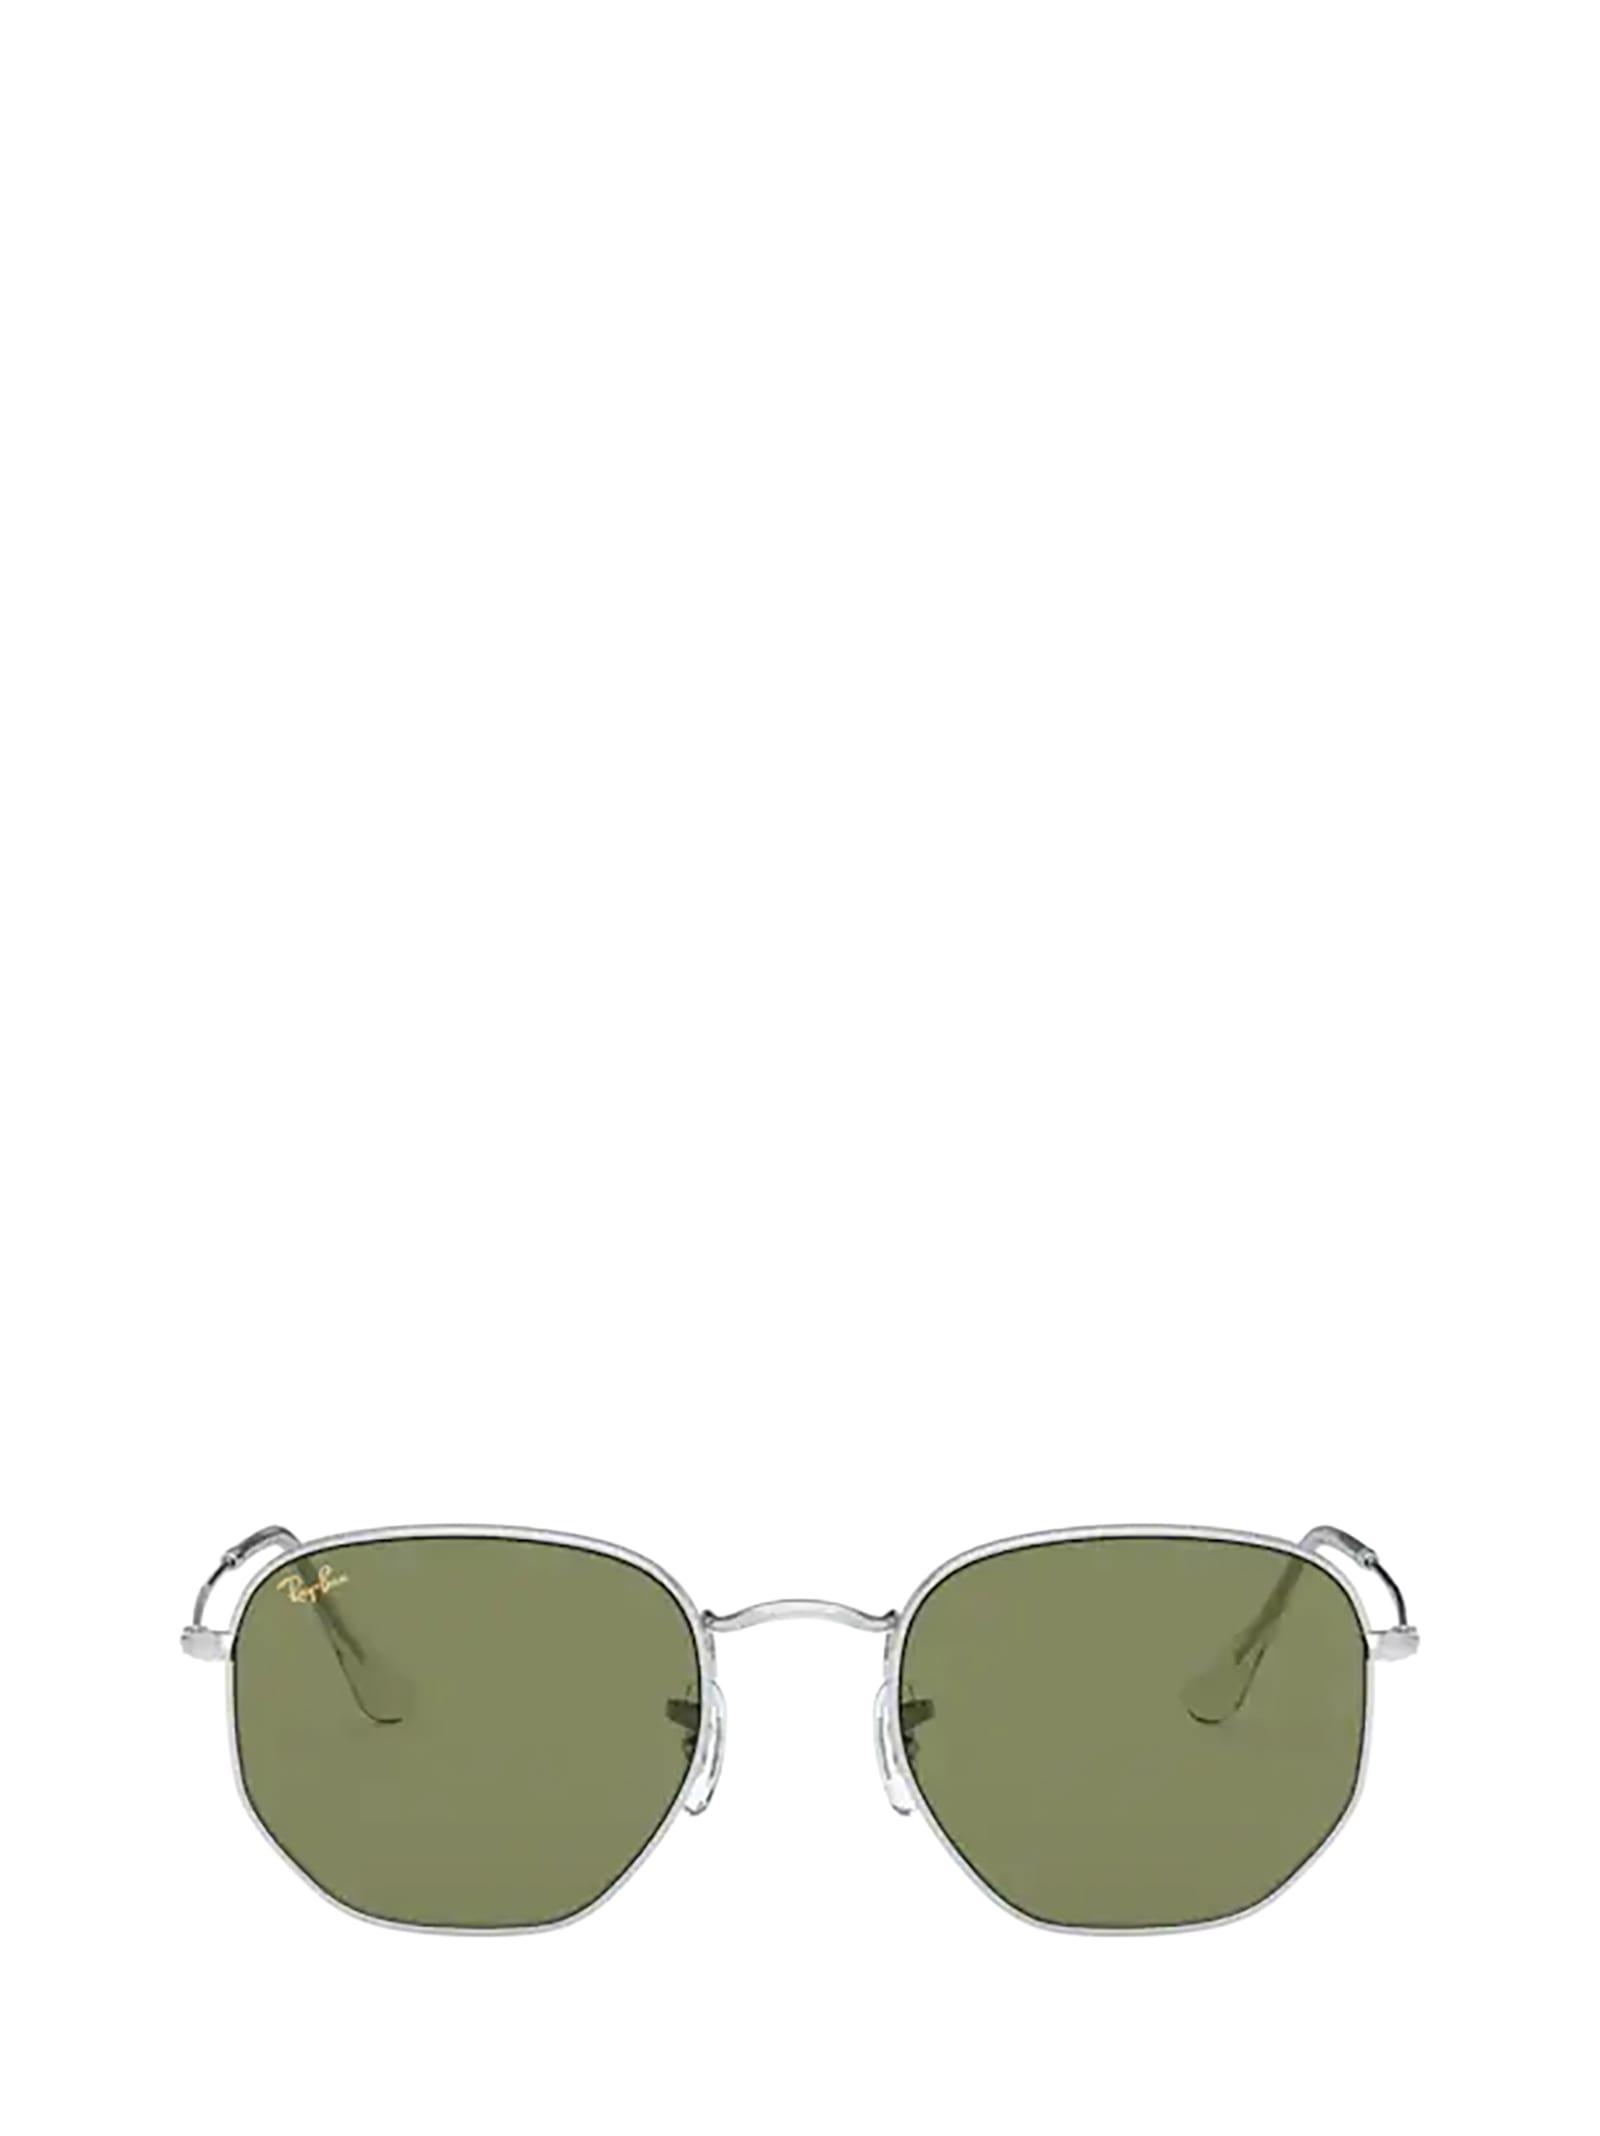 Ray-Ban Ray-ban Rb3548 Silver Sunglasses